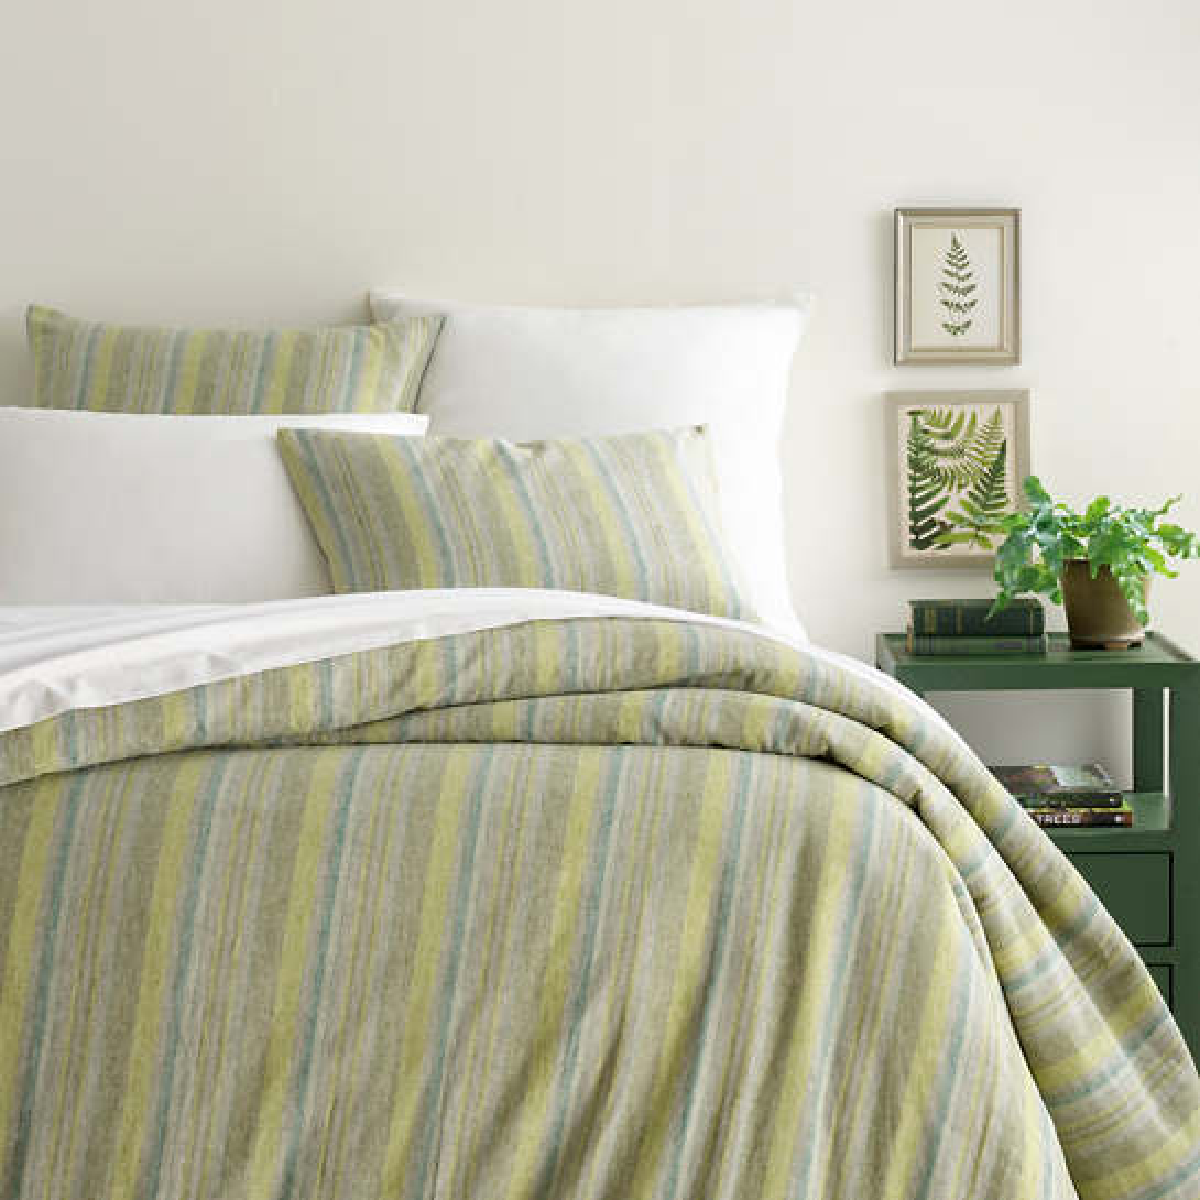 Treetop Linen Stripe Duvet Cover